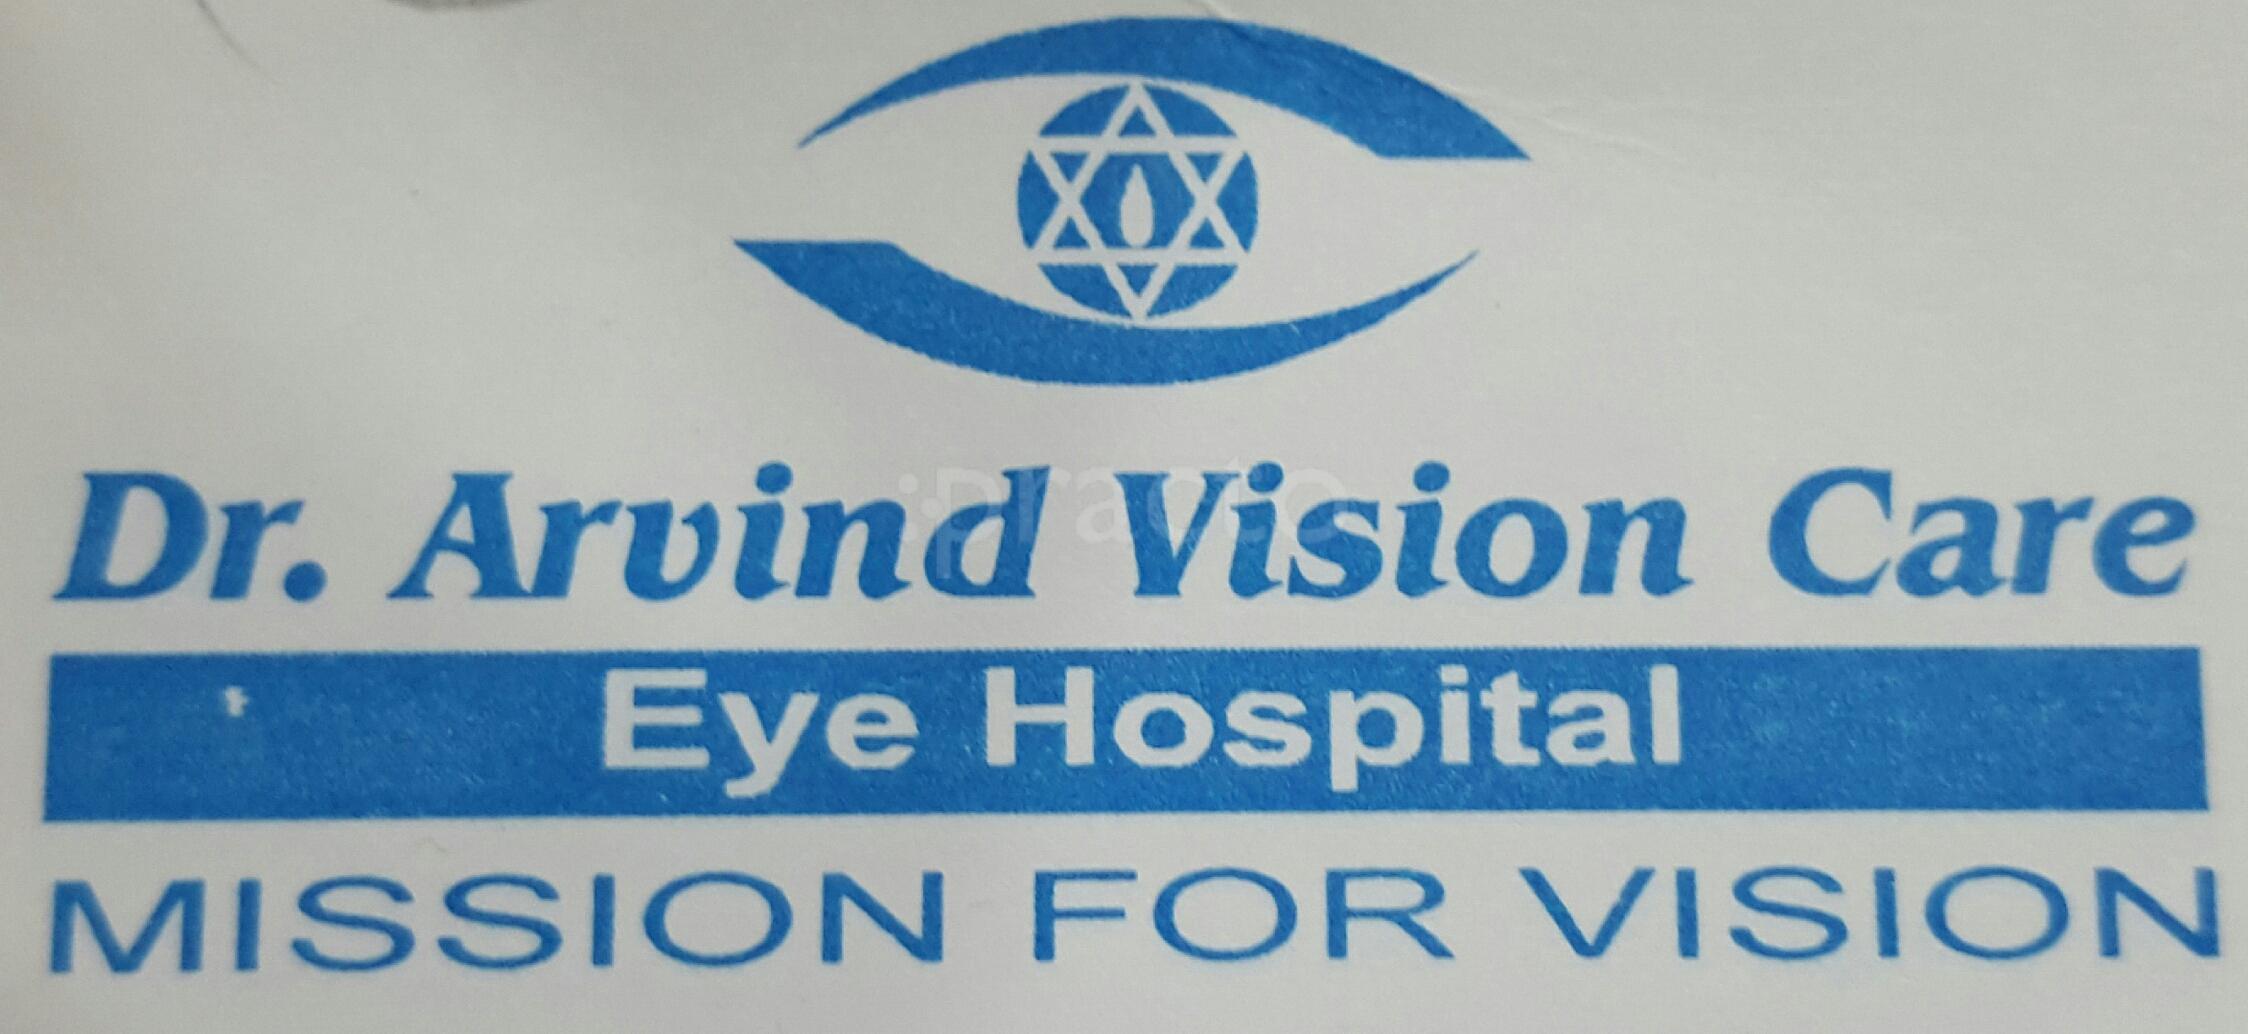 Arvind Vision Care